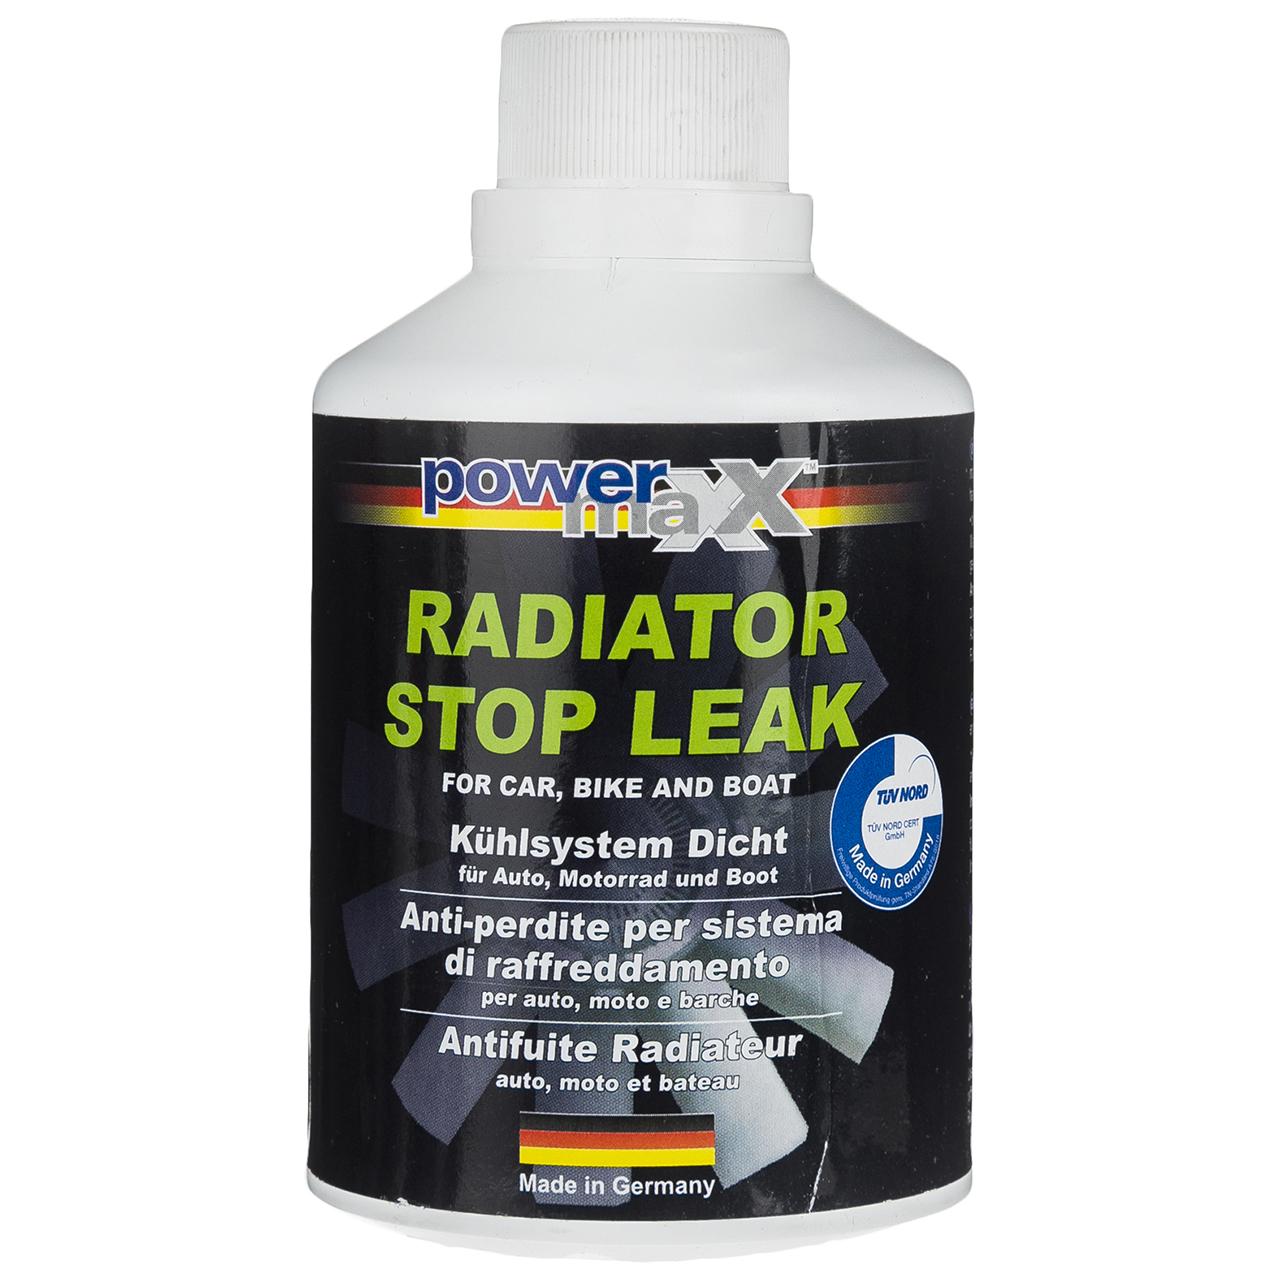 محلول برطرف کننده نشتی رادیاتور بلو چم مدل 33316